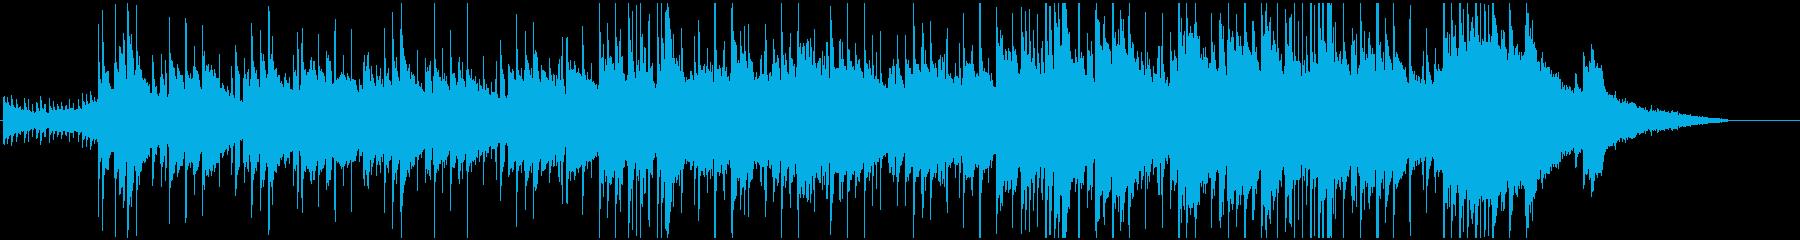 ロマンチックなピアノBGMの再生済みの波形